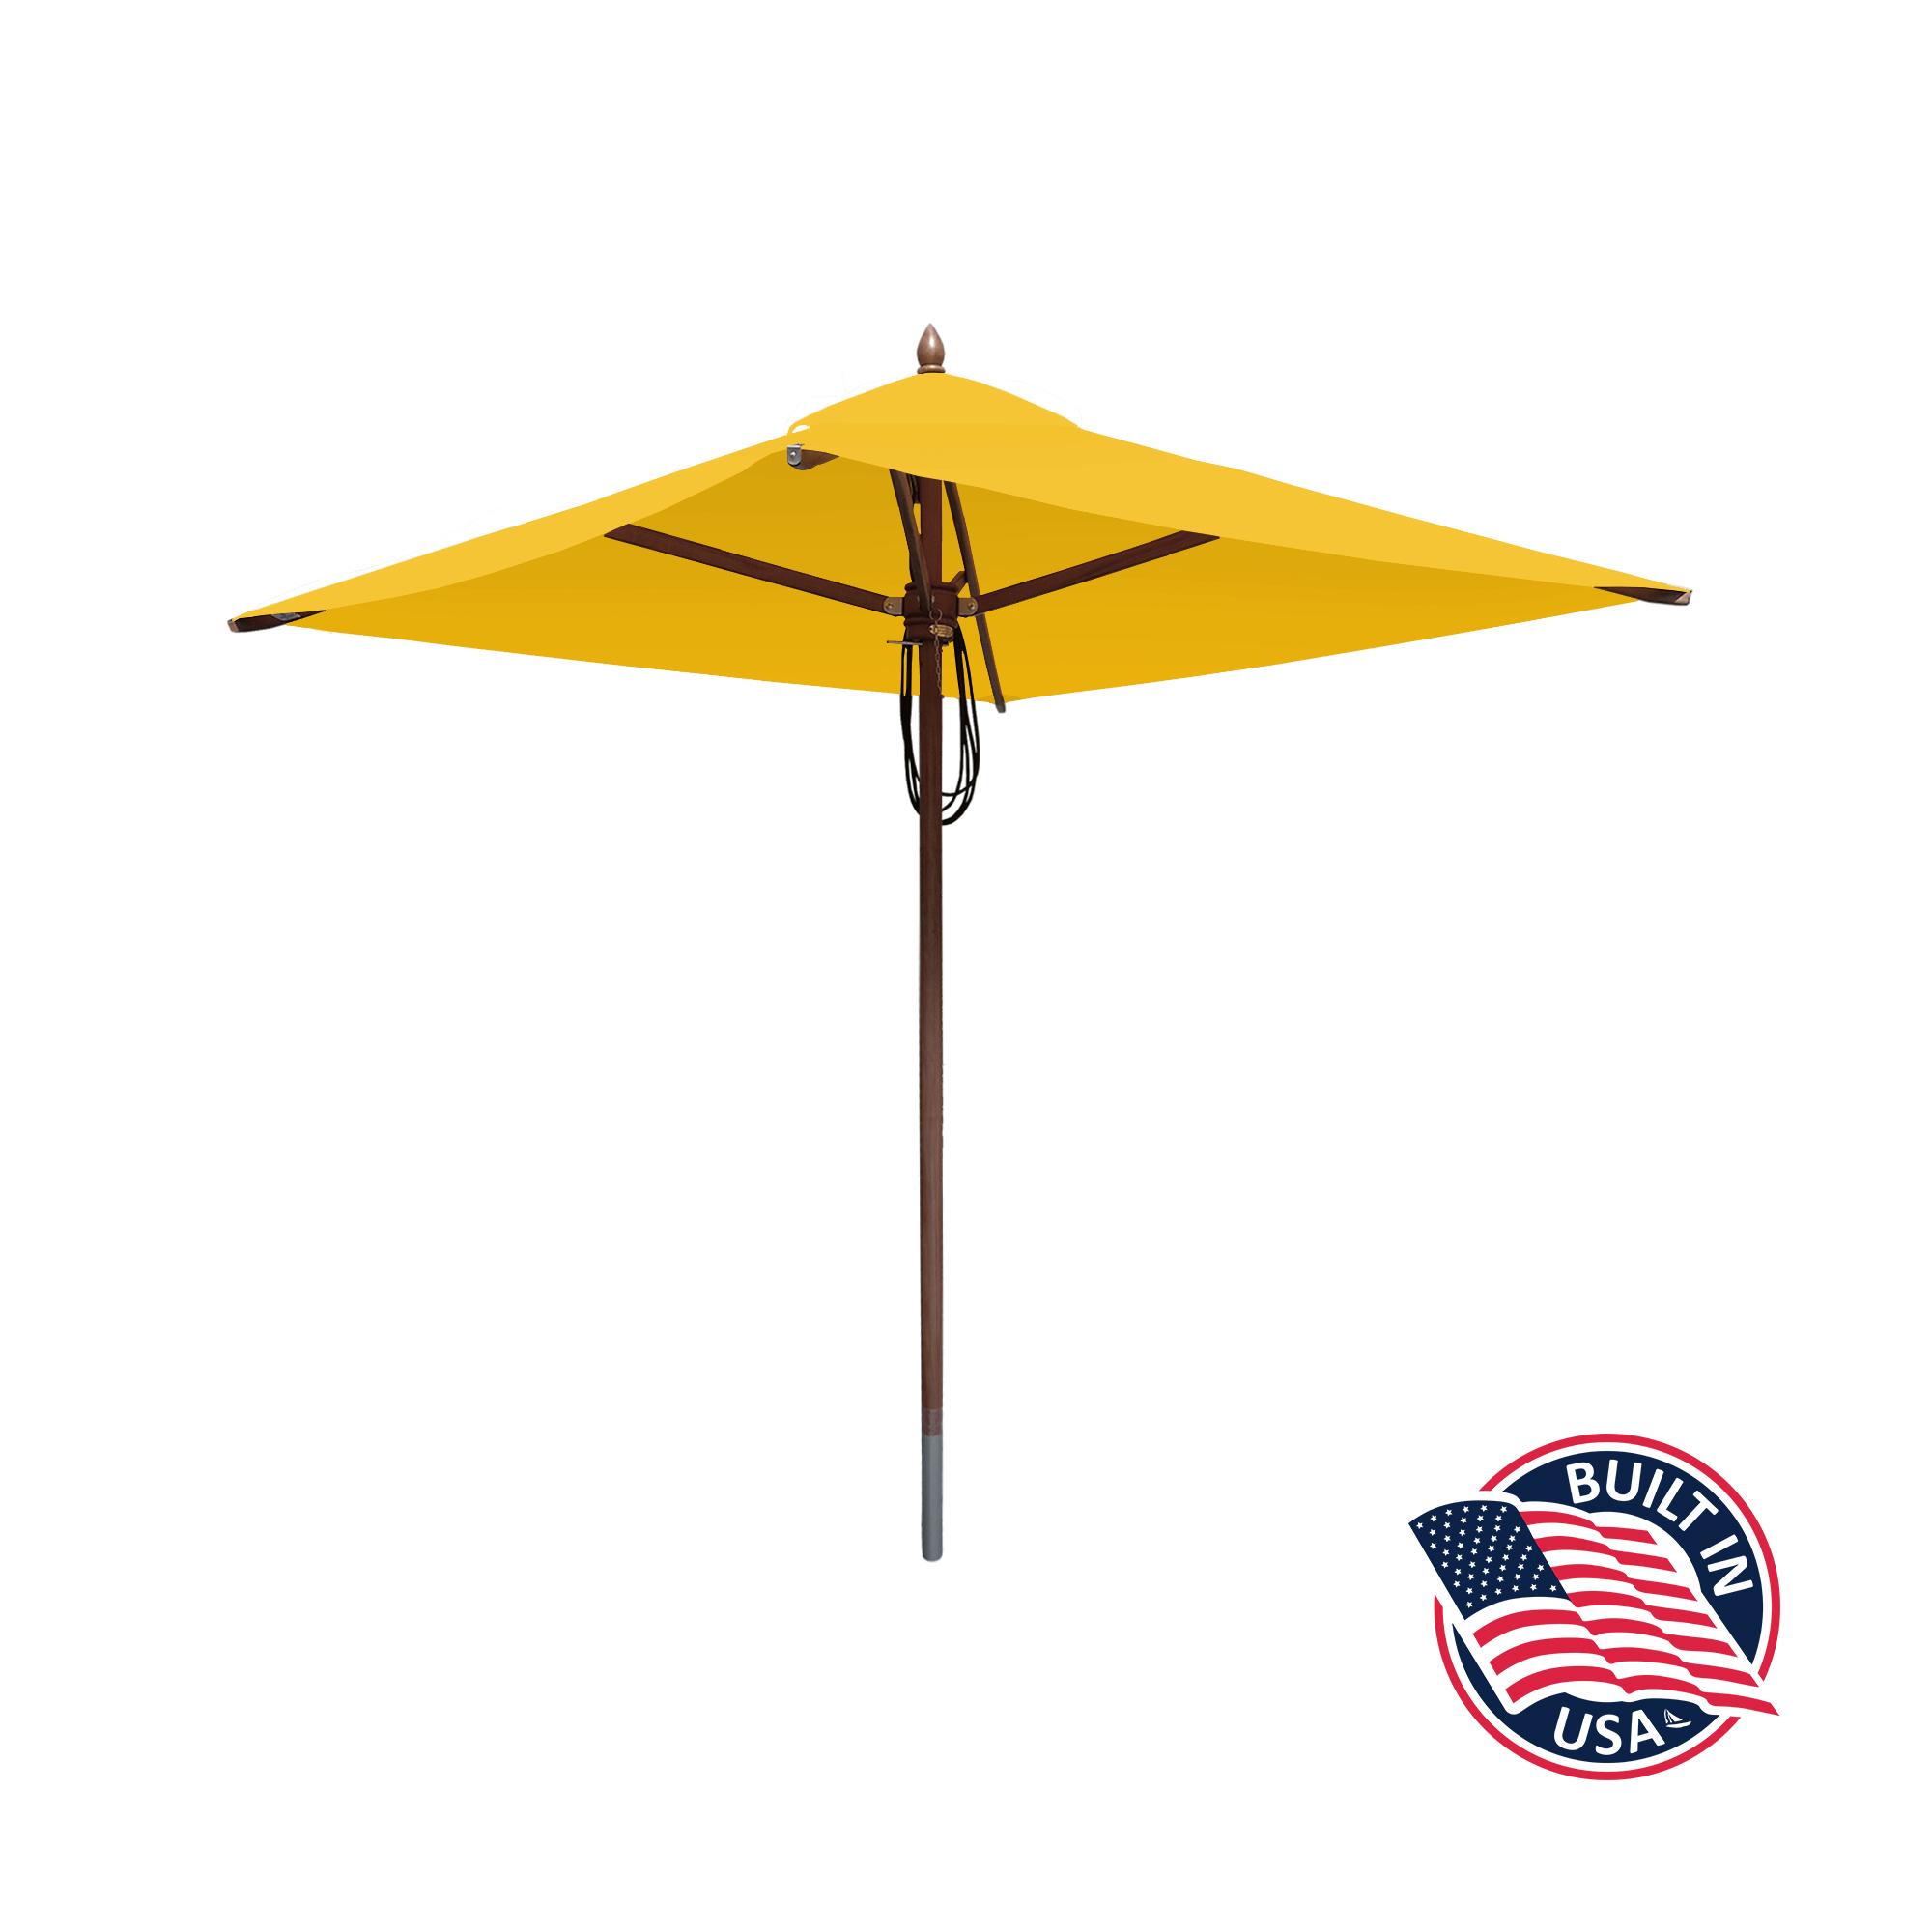 6.5' Square Patio Umbrella